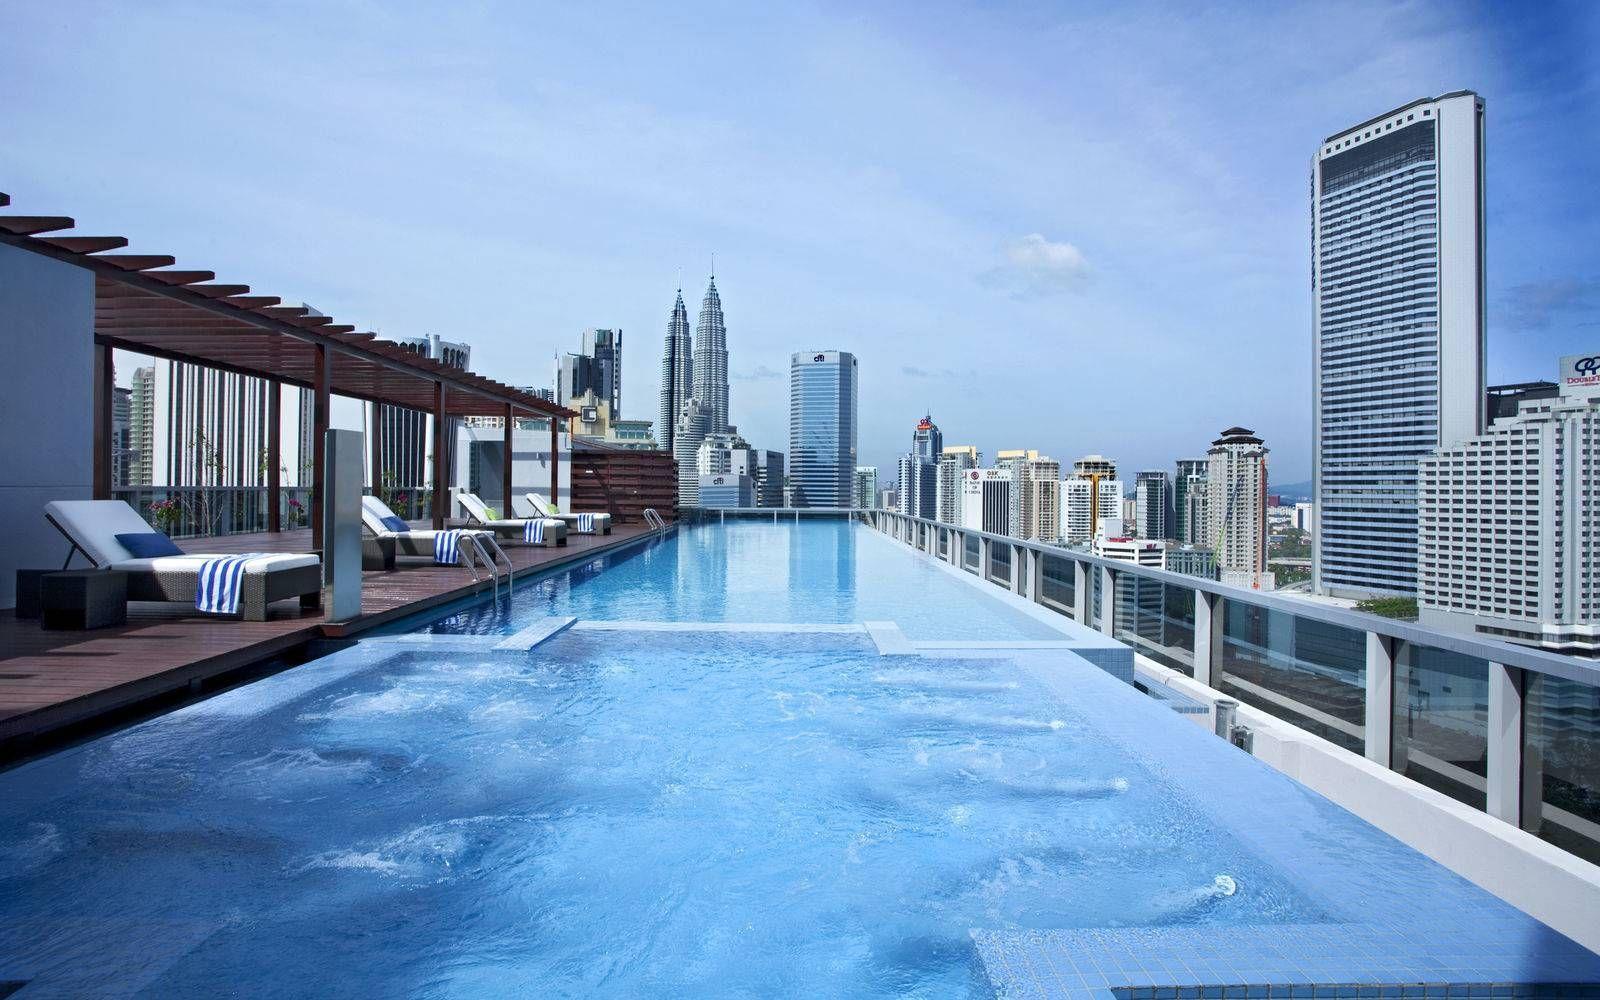 Best Rooftop Pools In Kl Rooftop Pool Hotel Kuala Lumpur Pool